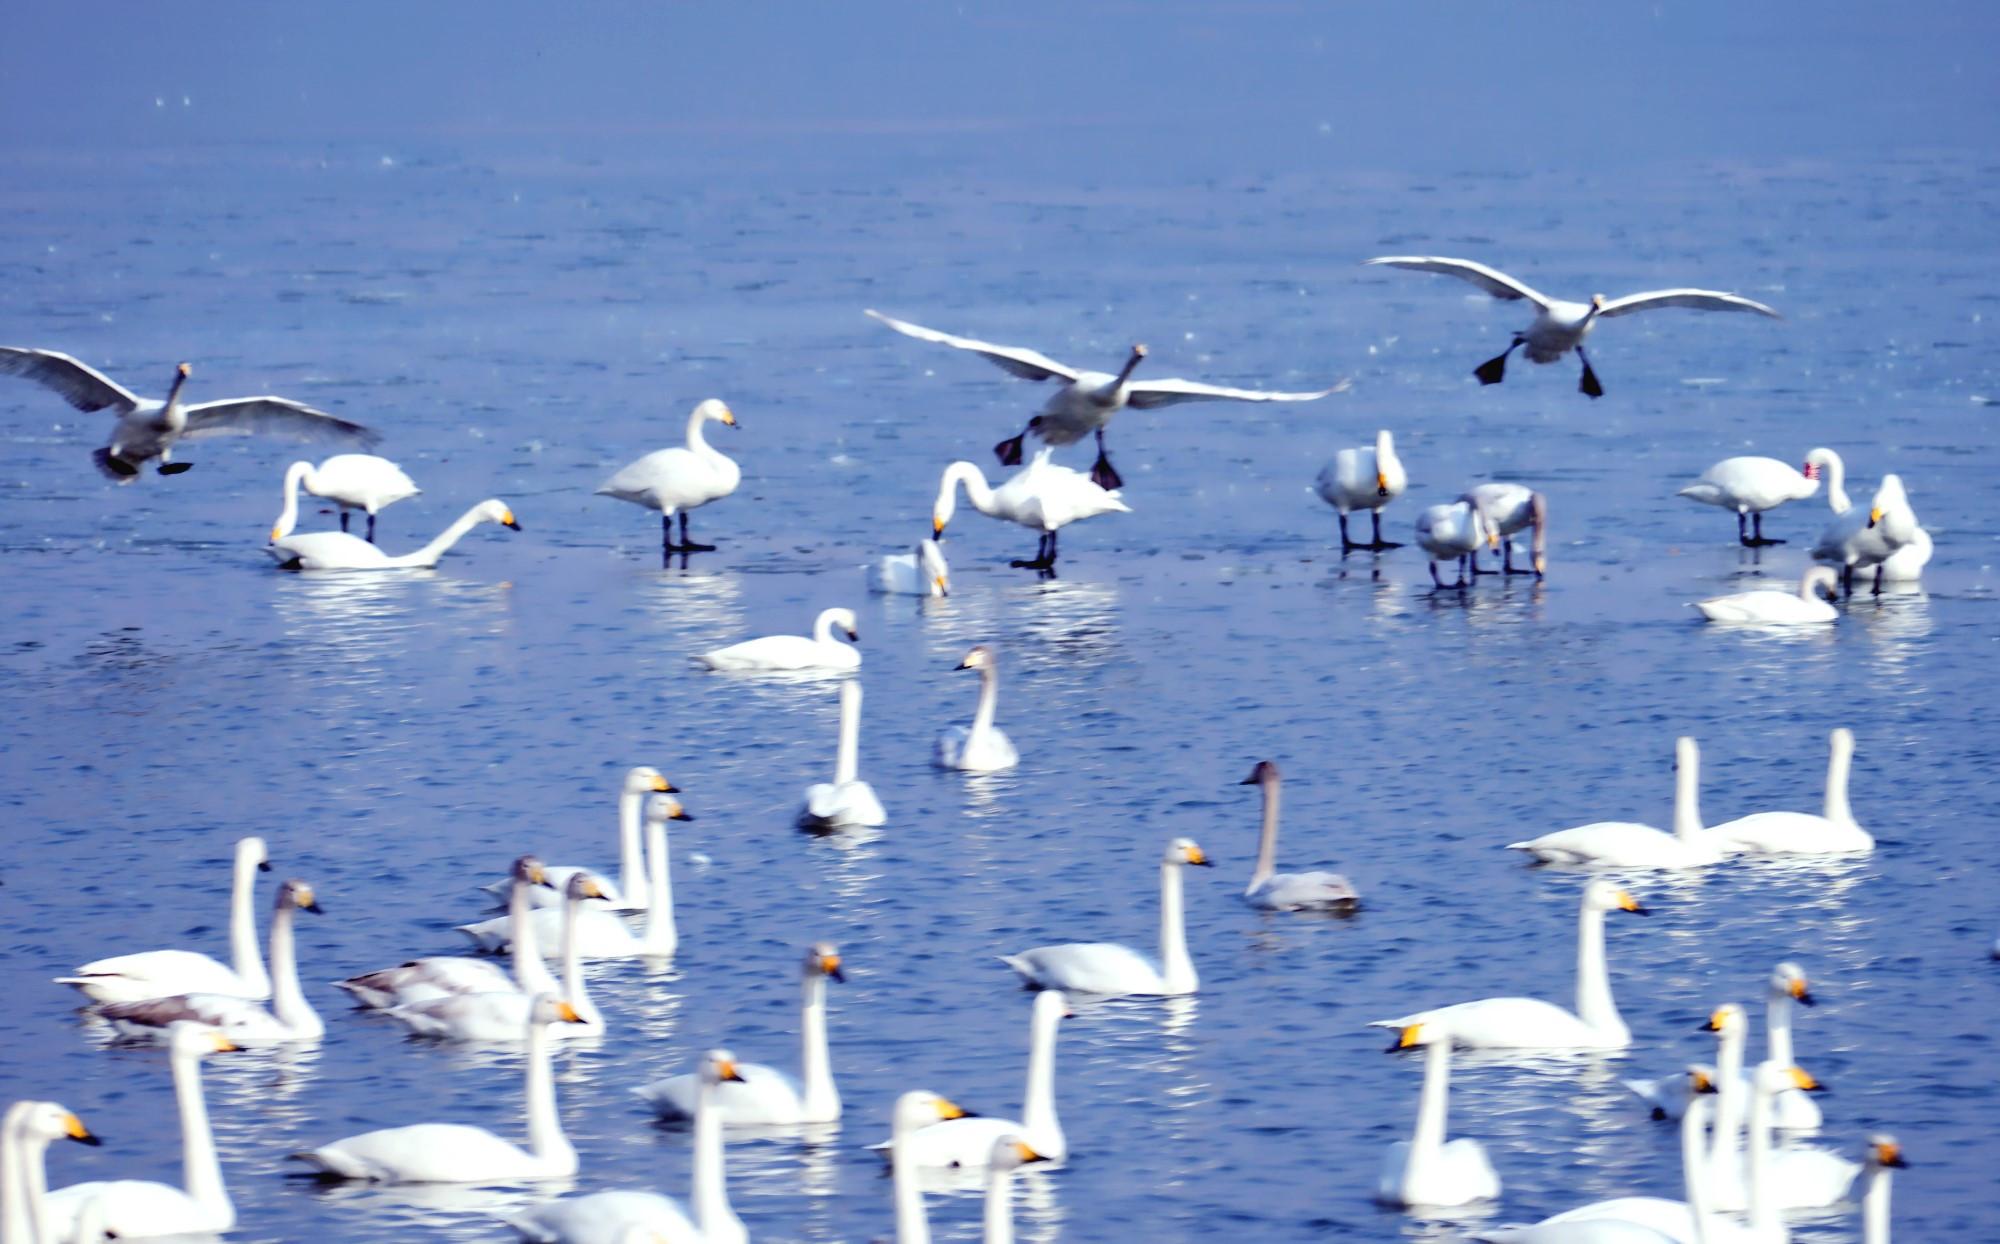 春节放假到圣天湖看天鹅,数千只野生白天鹅美得不像话